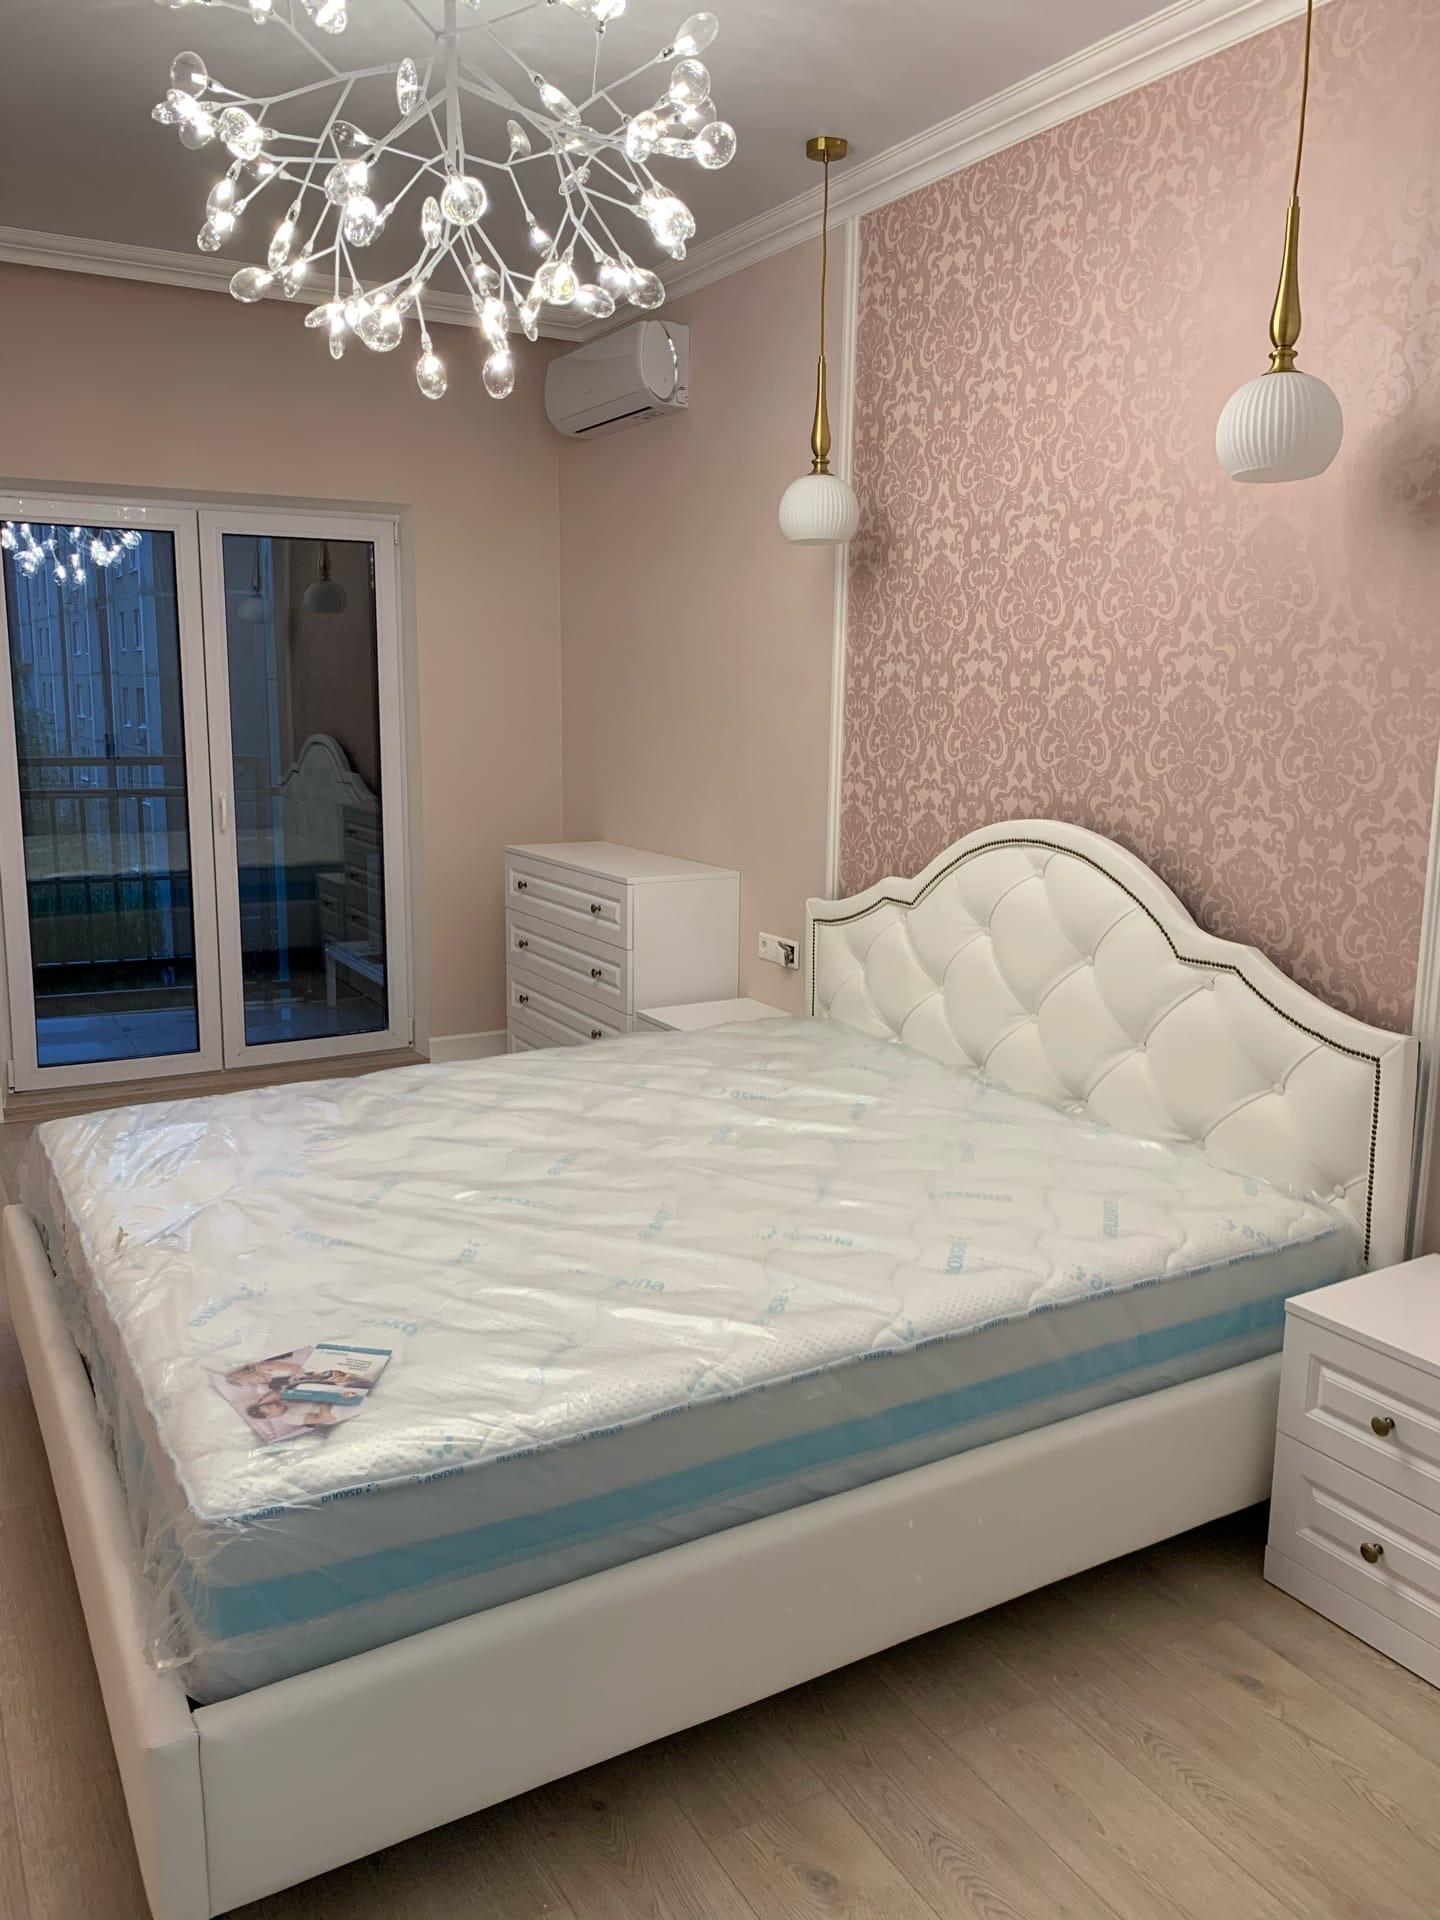 Кровать в ткани Арпатек 04 ▫Спальное место 1800*2000 ▫Гвоздики бронза Проект дизайнера Алёны Алиевой @alena_v_alieva #арпатек #кровать #кроватимосква #кровативоронеж